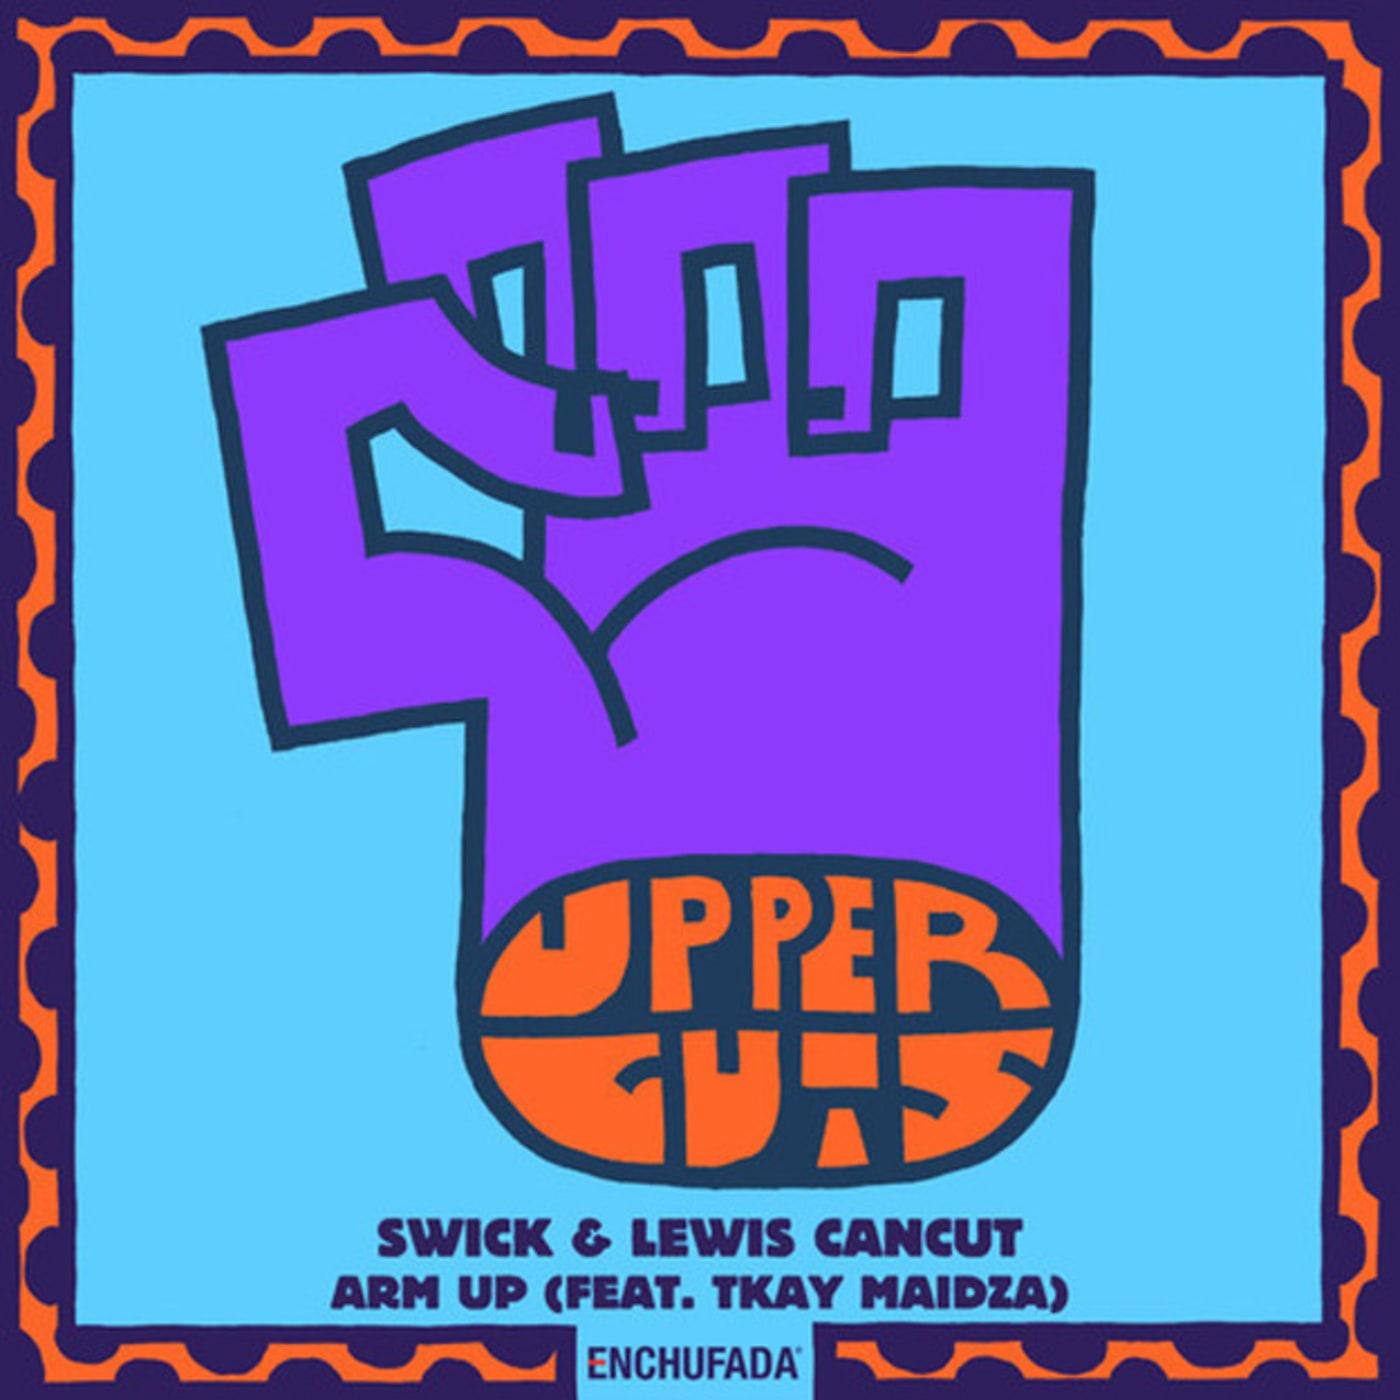 swick lewis cancut arm up